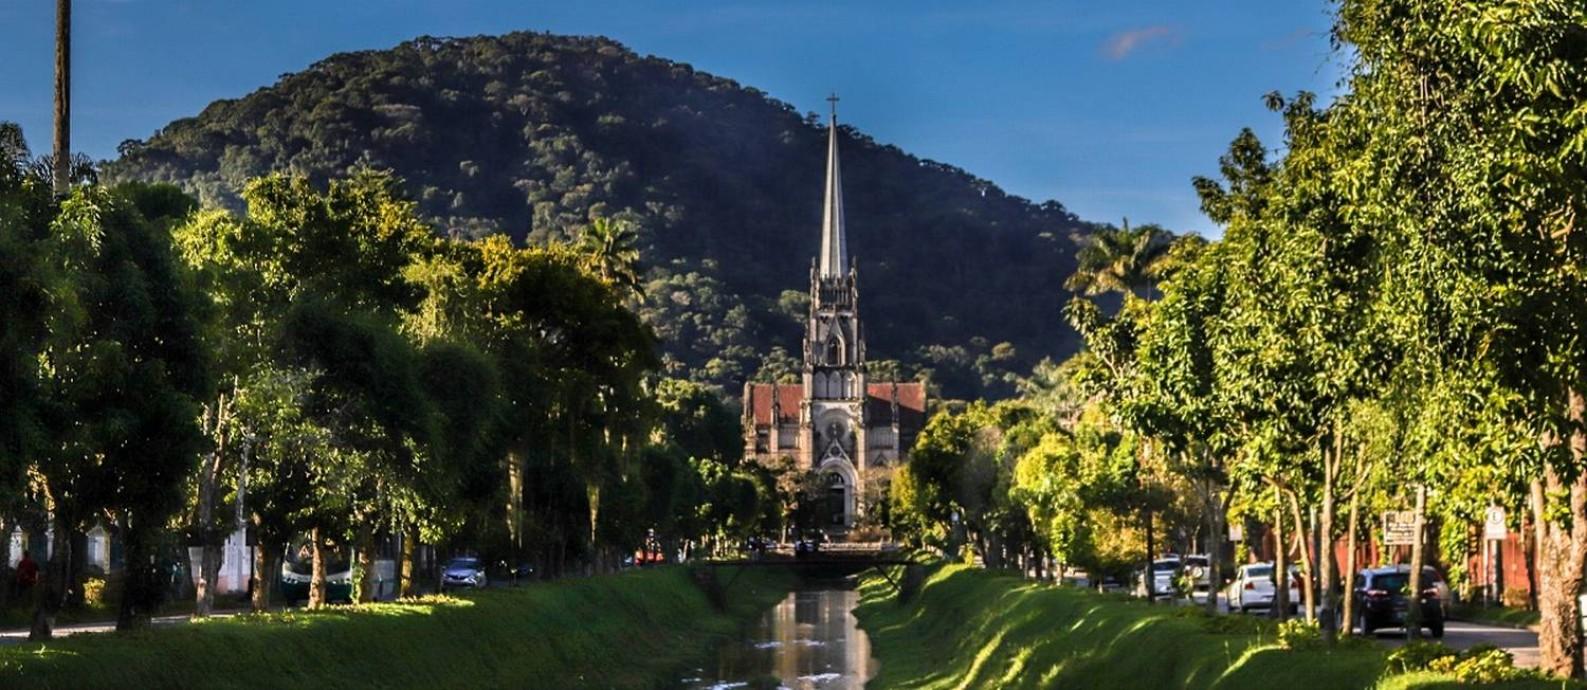 Catedral de São Pedro de Alcântara, no Centro Histórico de Petrópolis Foto: Daniel Câmara / Divulgação